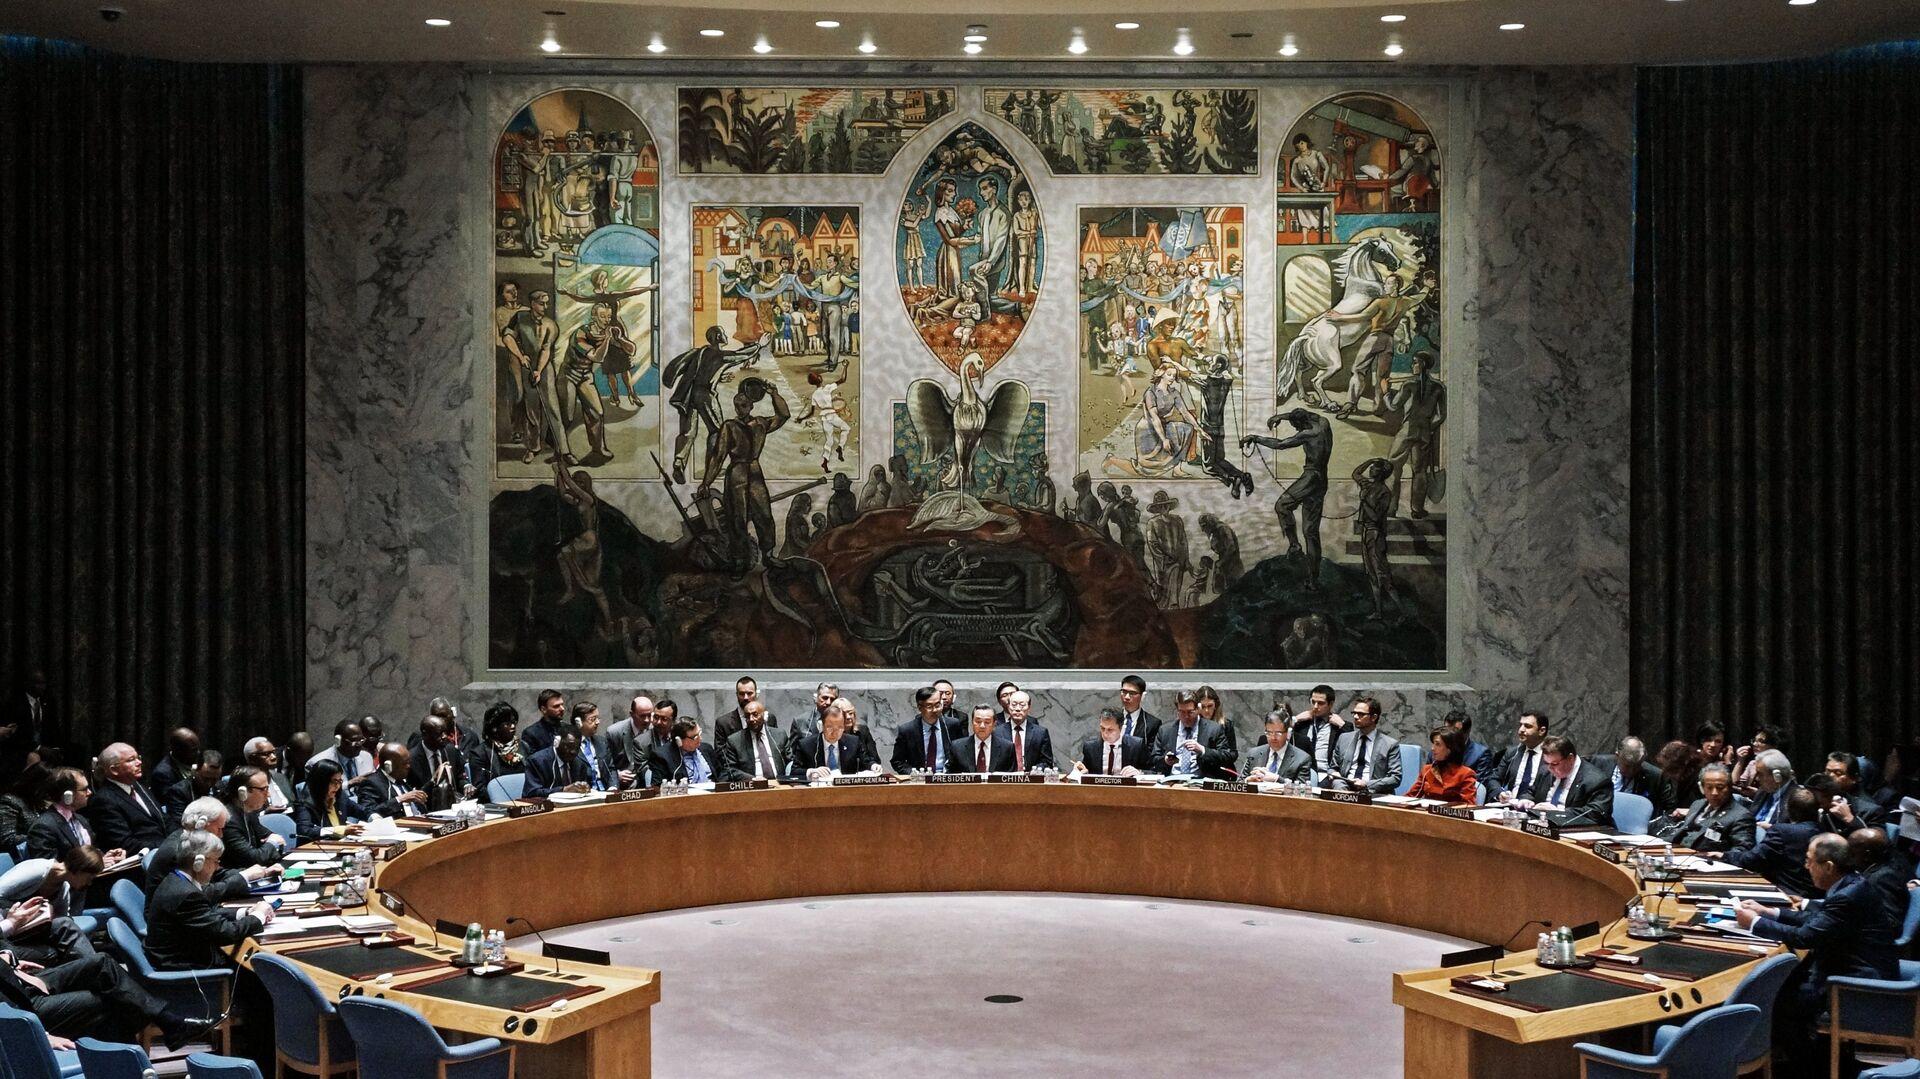 Consejo de Seguridad de la ONU (archivo) - Sputnik Mundo, 1920, 06.05.2021